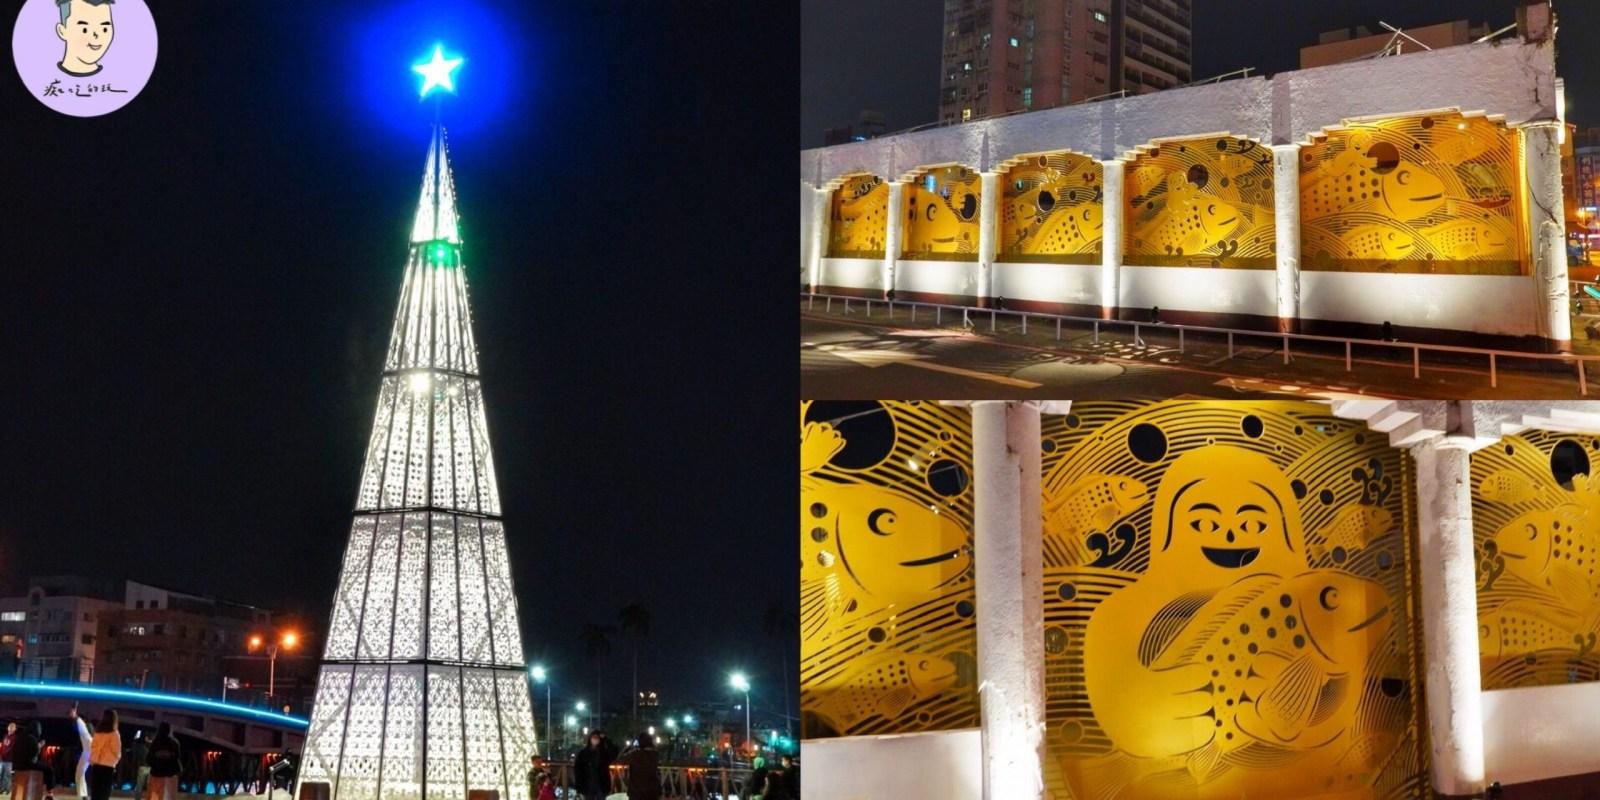 【台南景點】台南聖誕燈節 最新打卡點!! 河樂廣場新景點「大海的寶物」收集台南聖誕燈樹|耶誕節演唱會卡司名單報你知